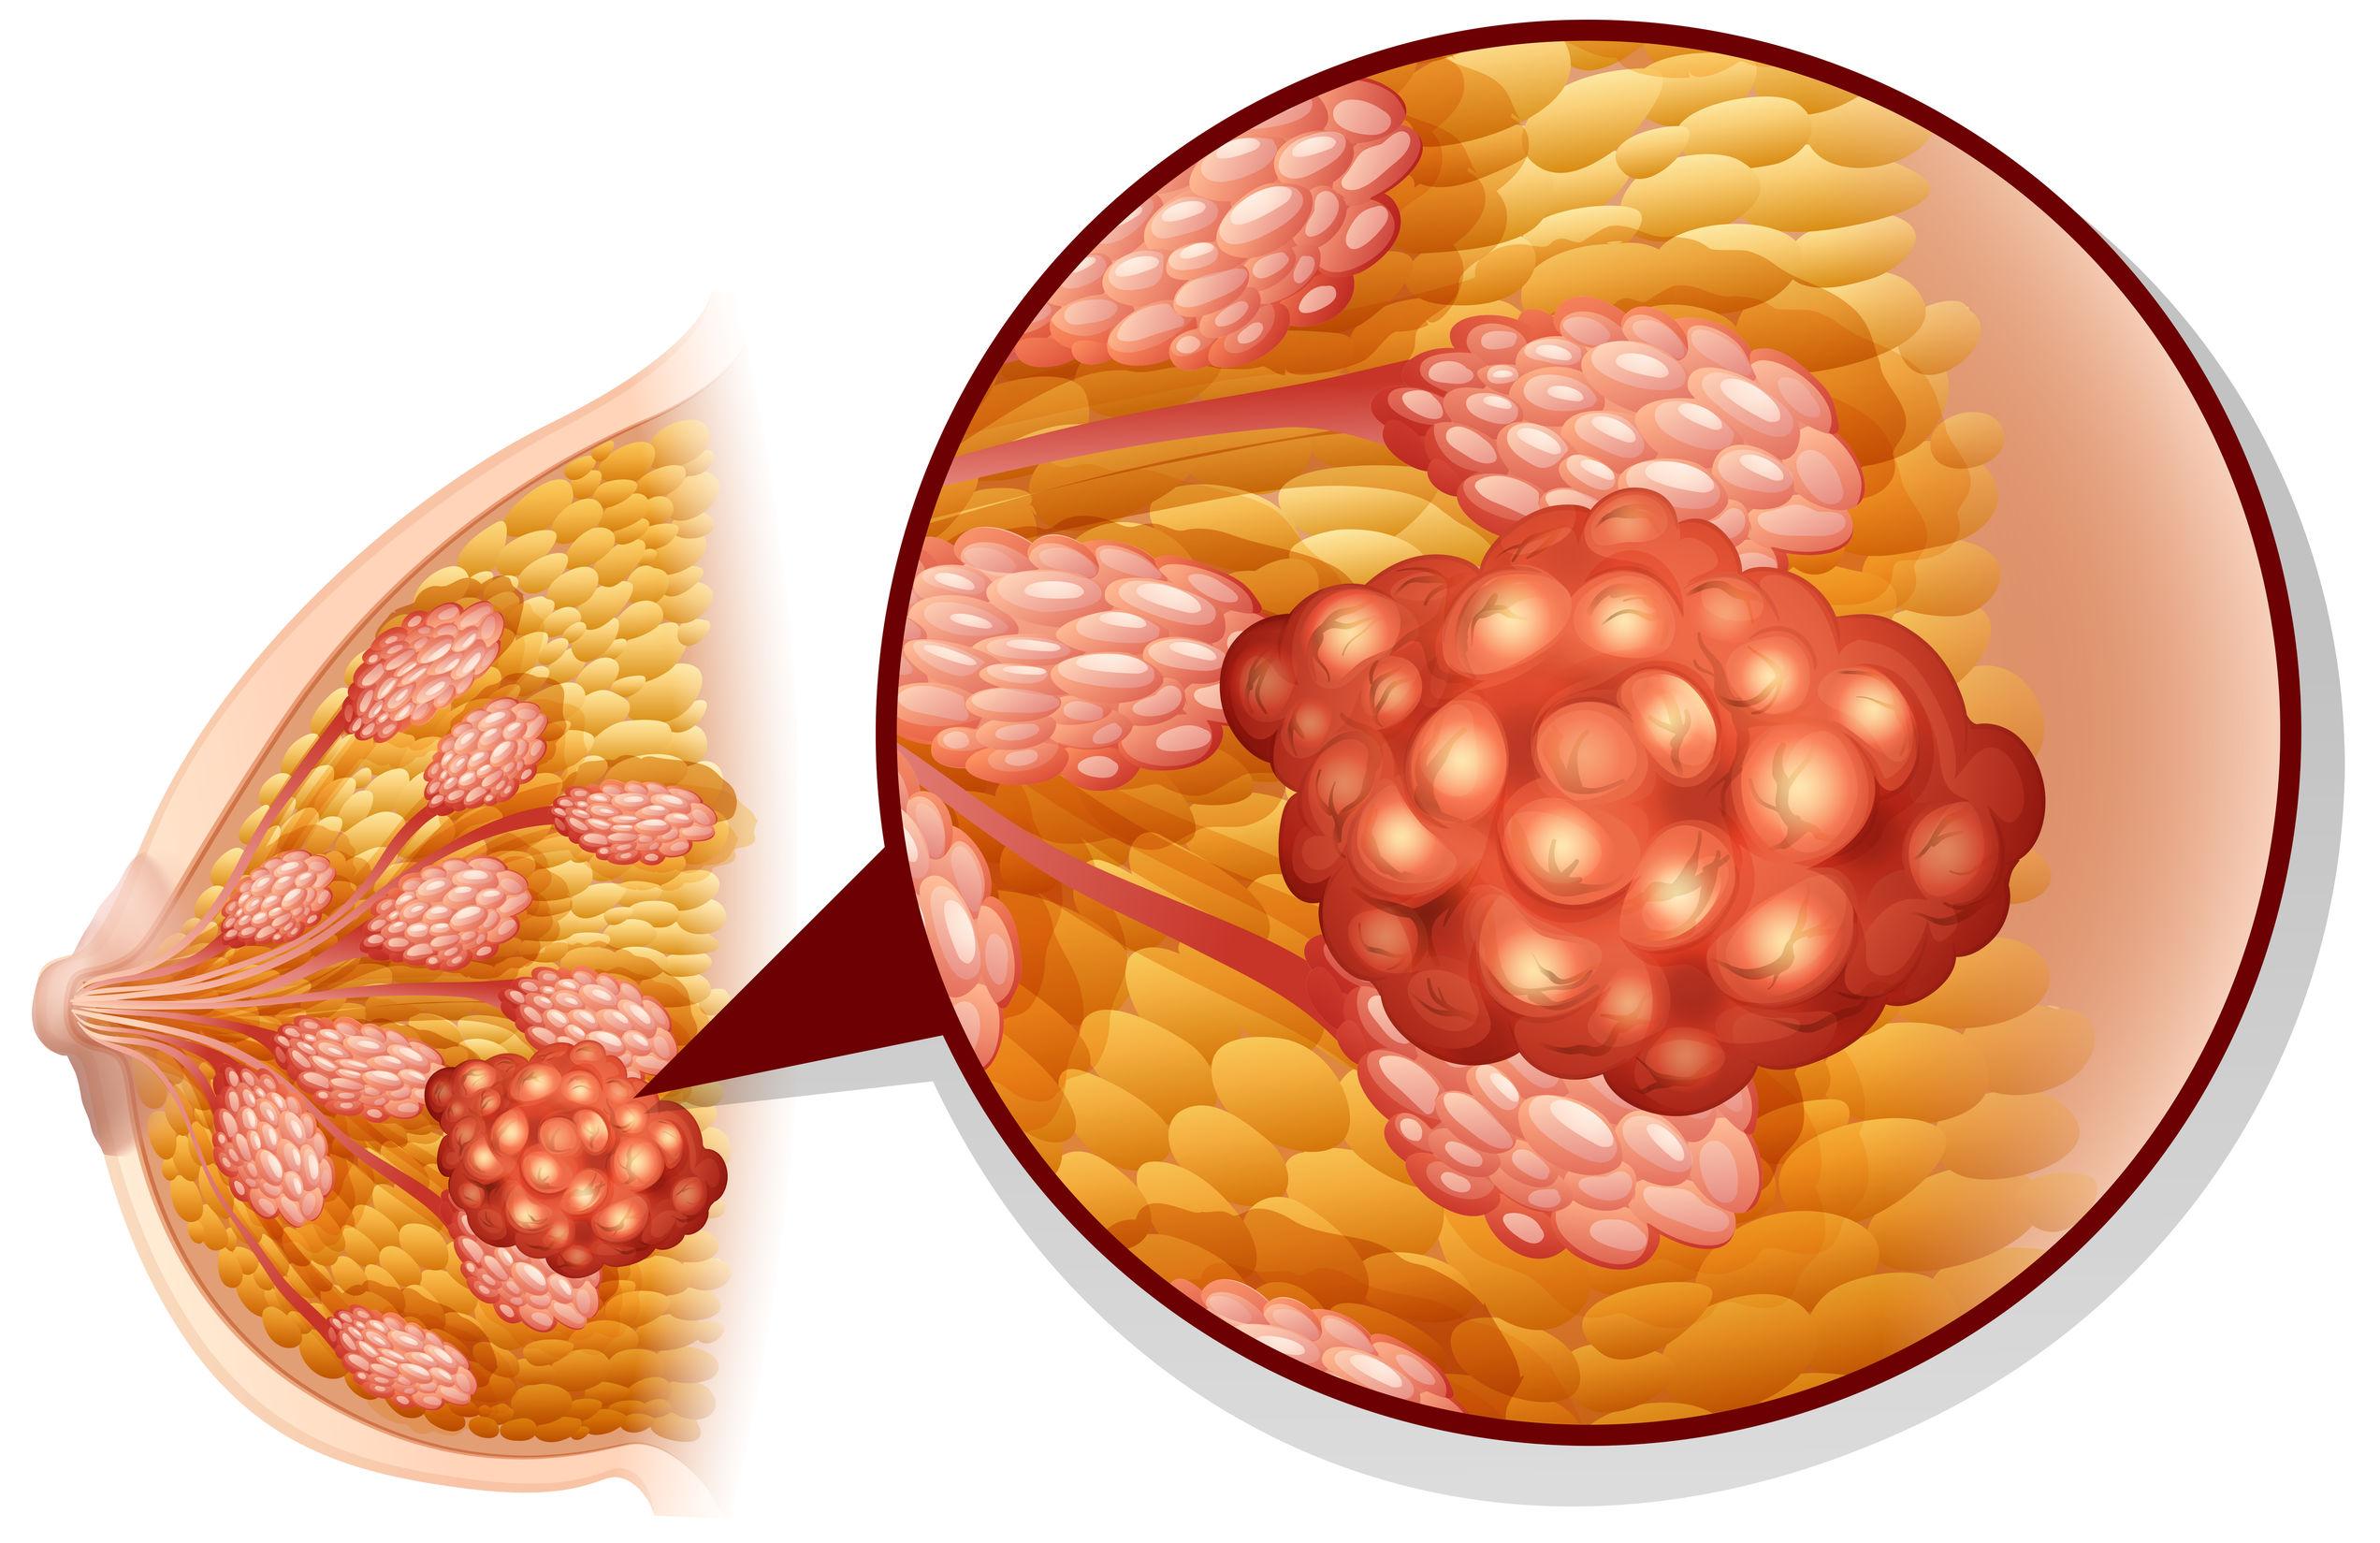 Tumorektomia w leczeniu guzów piersi